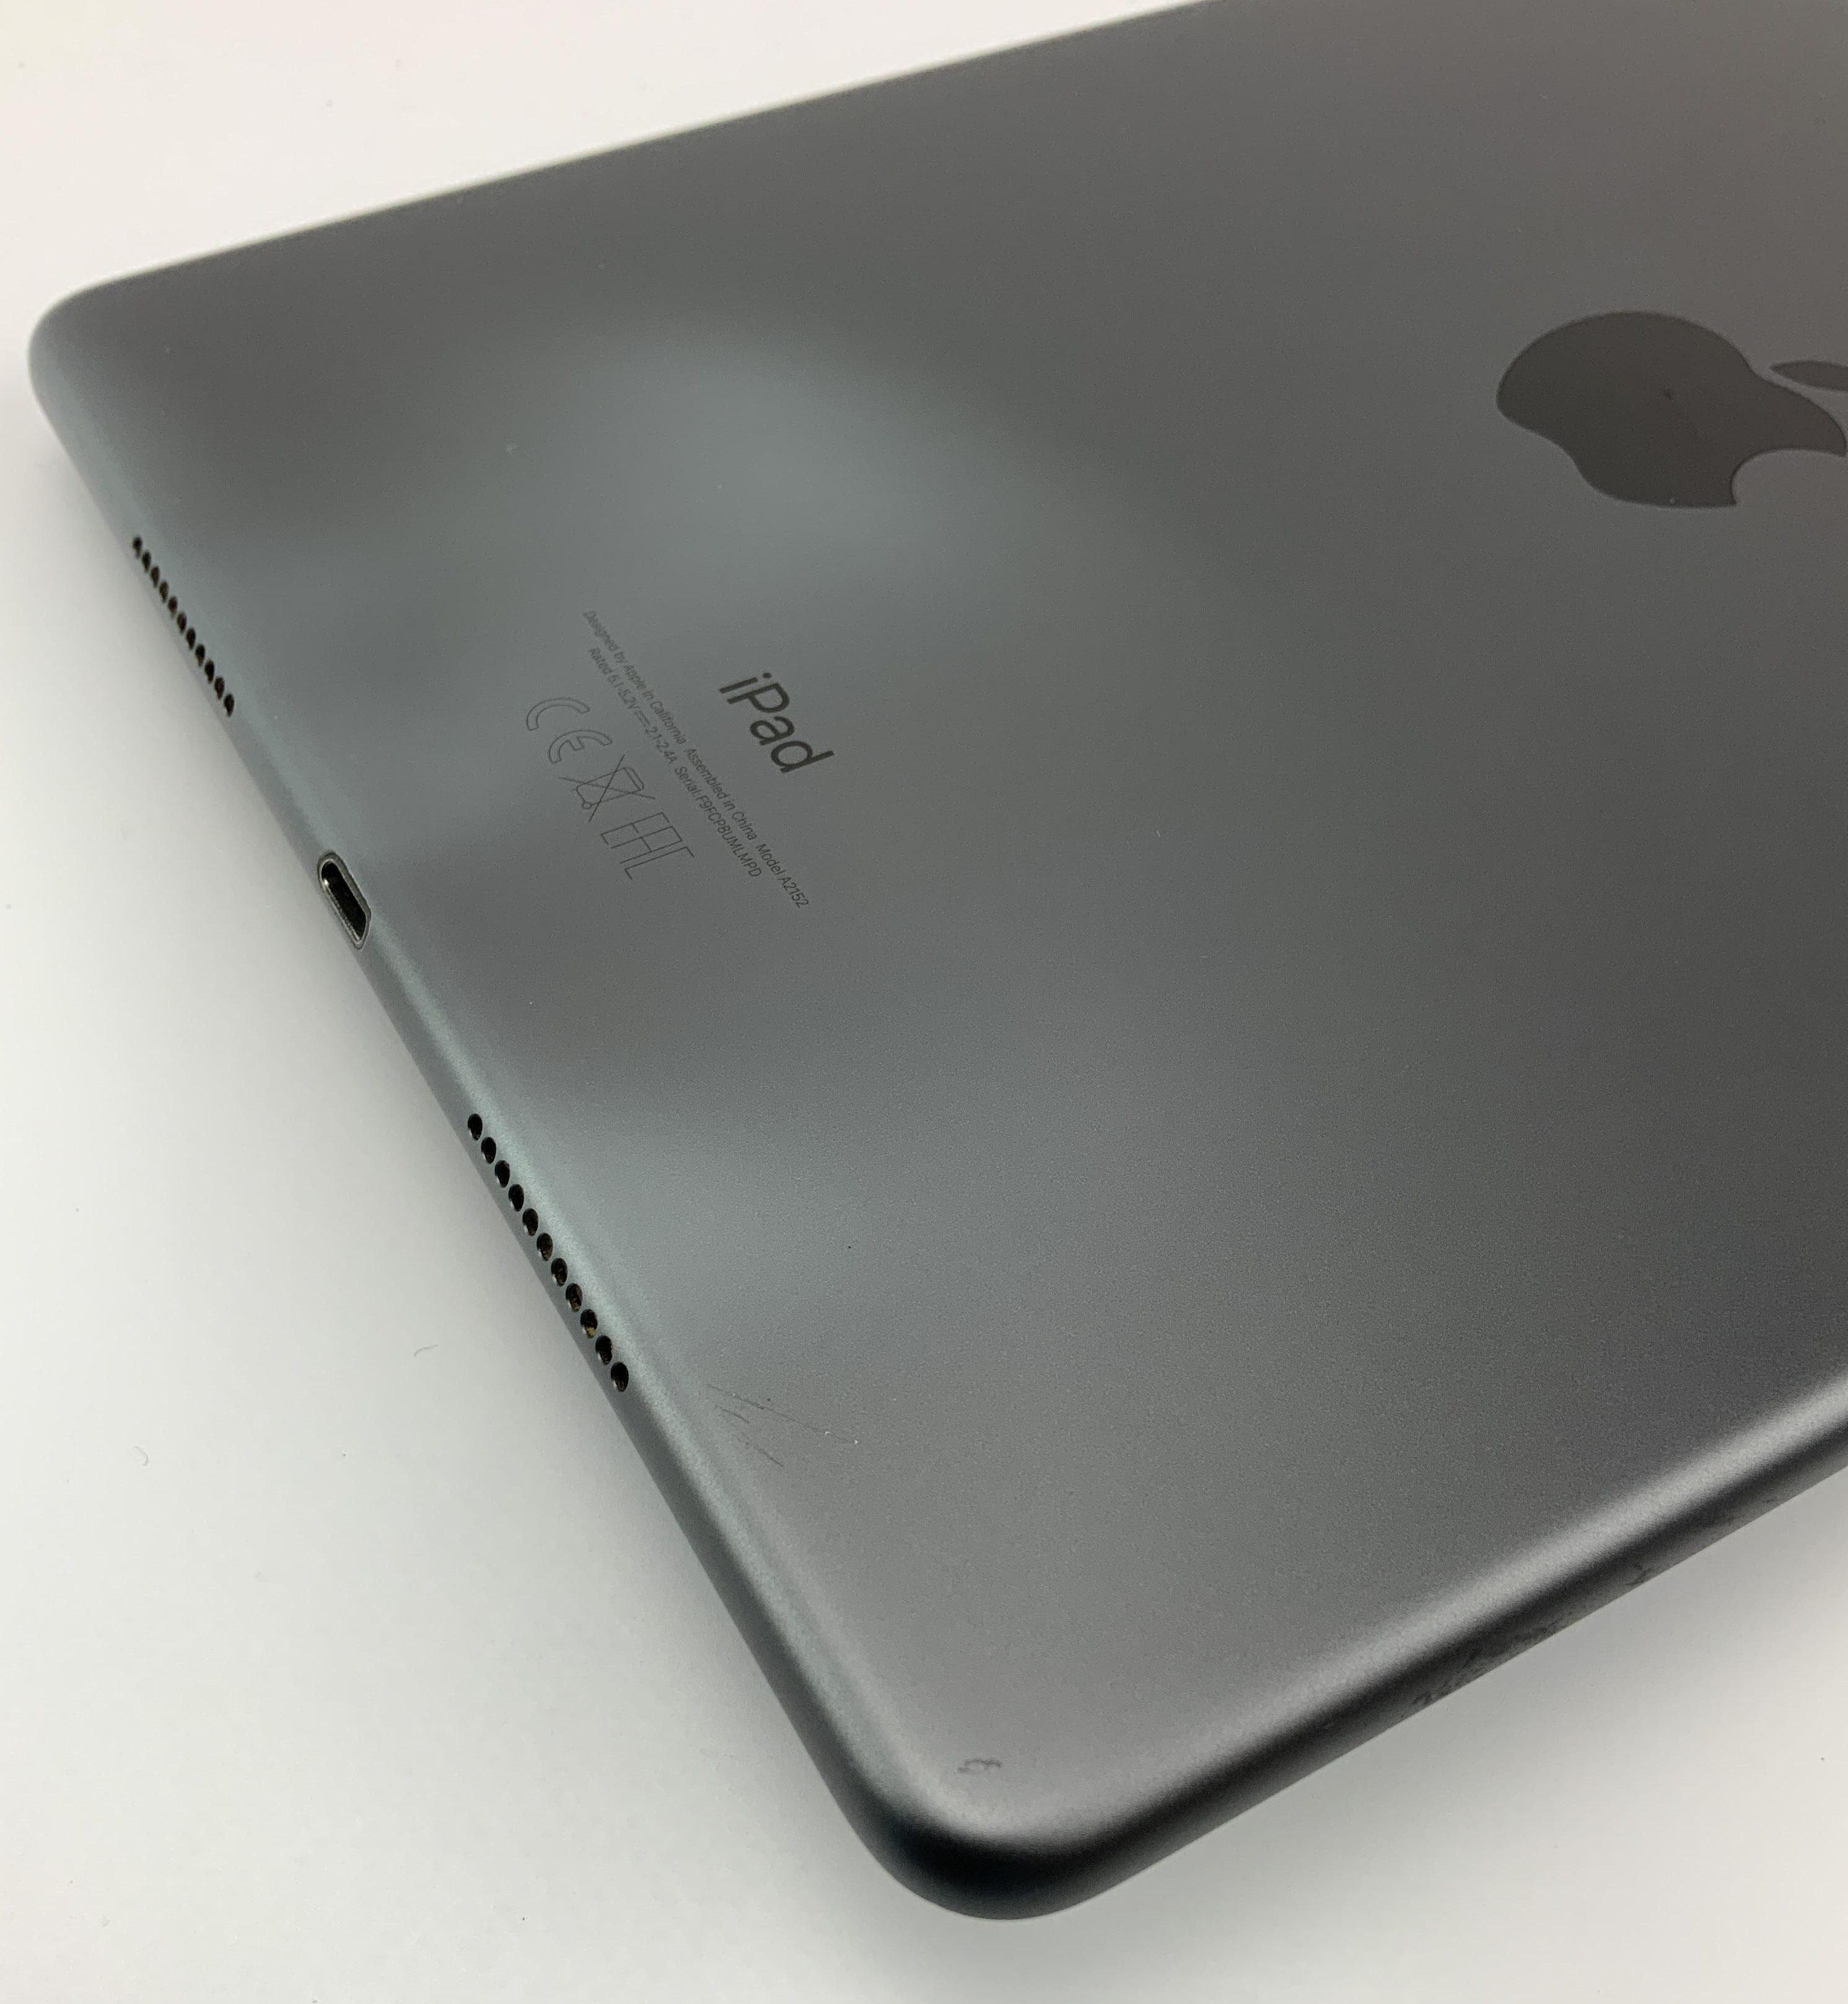 iPad Air 3 Wi-Fi 64GB, 64GB, Space Gray, image 4